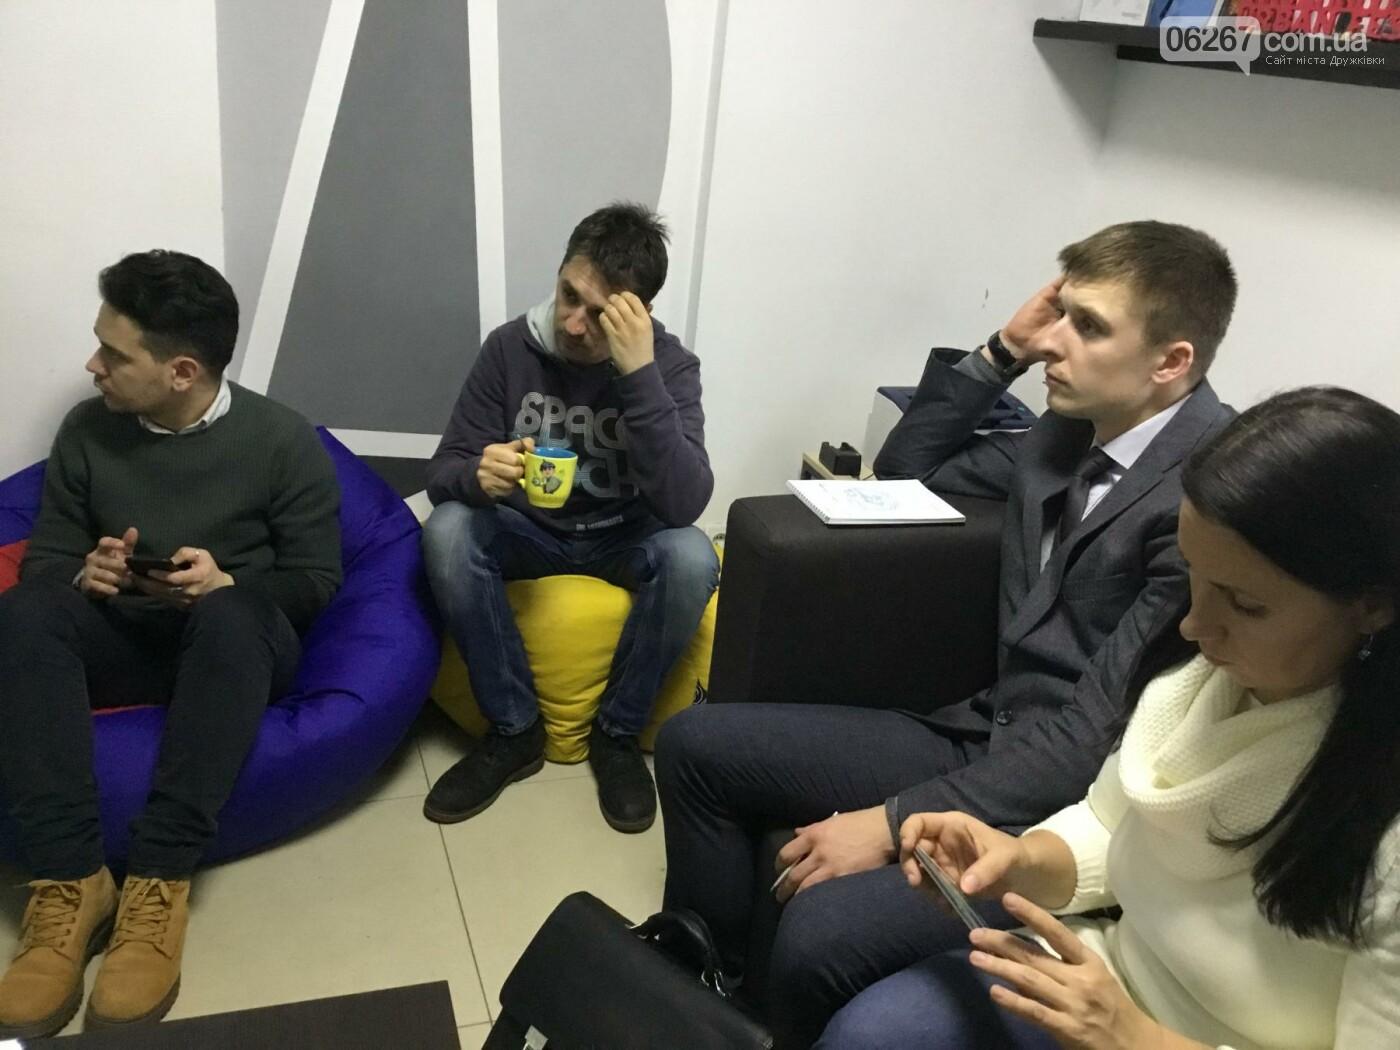 В Дружковке рассказали, как выявлять нарушения и махинации в сфере госзакупок при помощи электронных инструментов, фото-1